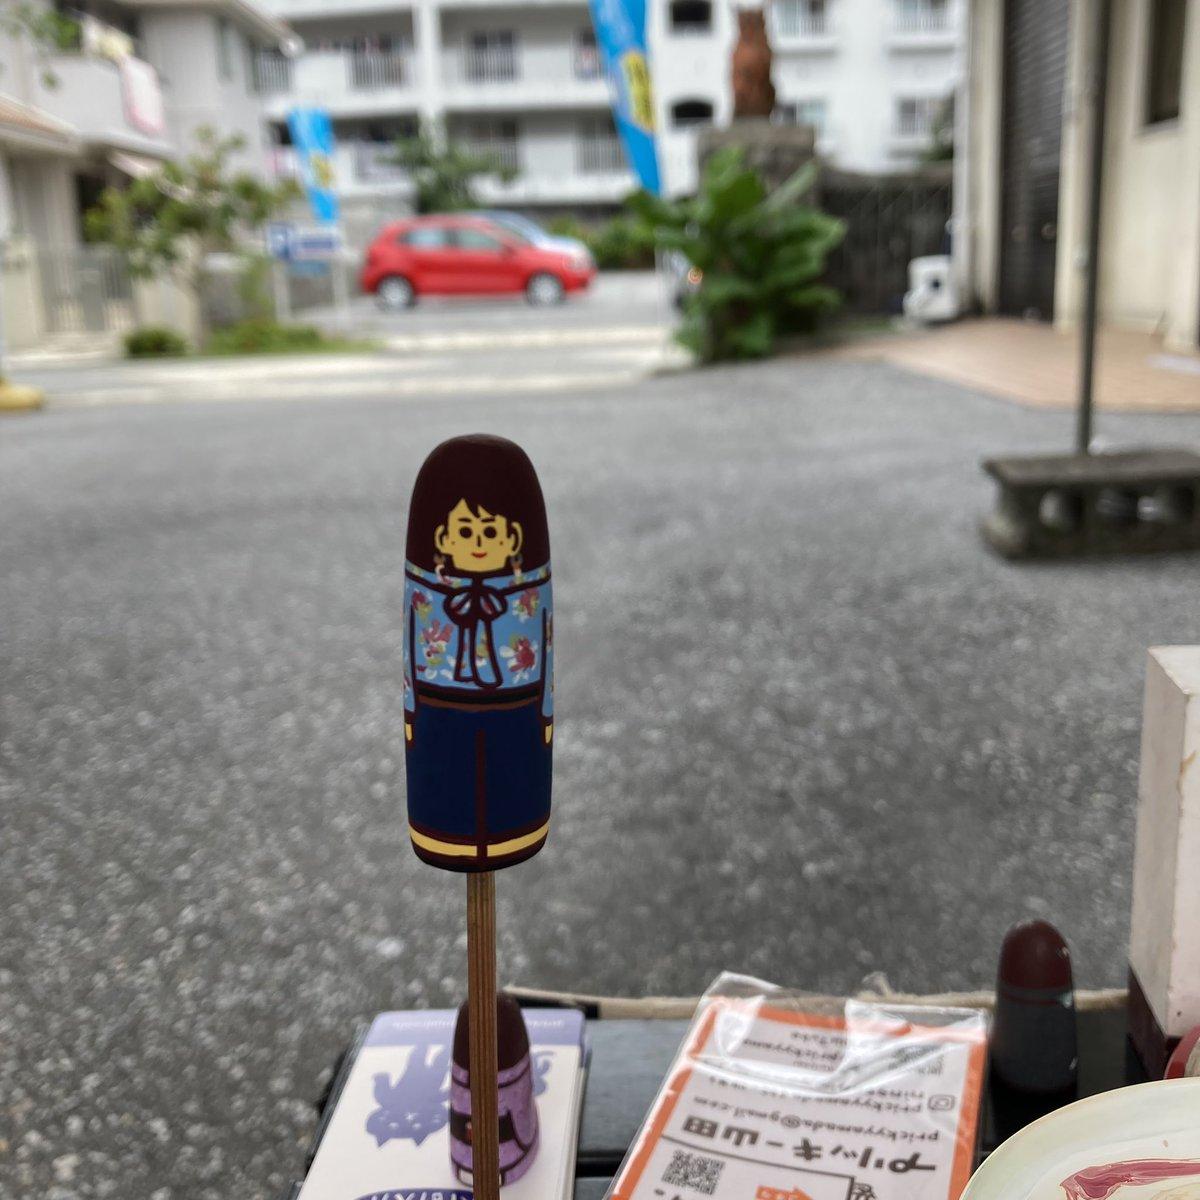 test ツイッターメディア - 首里の瑞泉酒造にて。 今日の #人間人形 ああ、かわいい。 ありがとうございました! https://t.co/McKdrdloCI